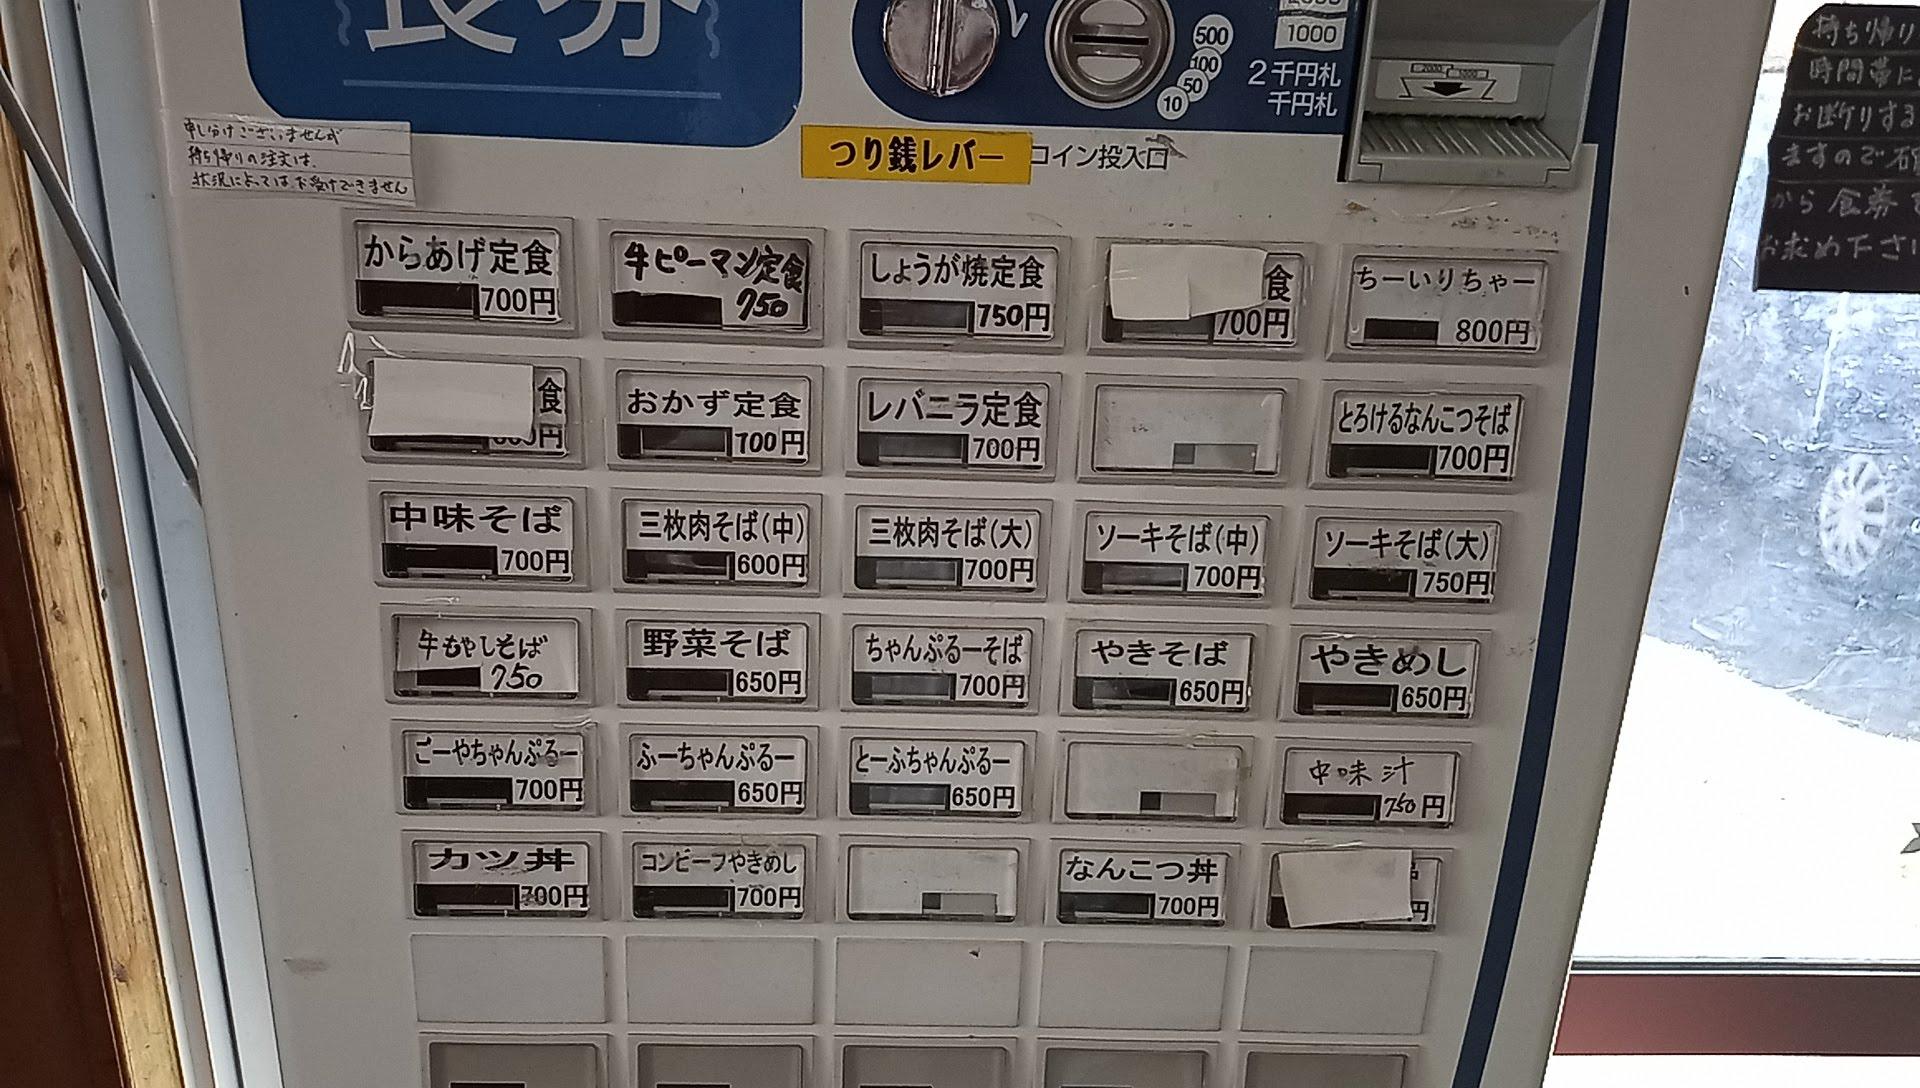 ちゃんぷるー食堂の食券機